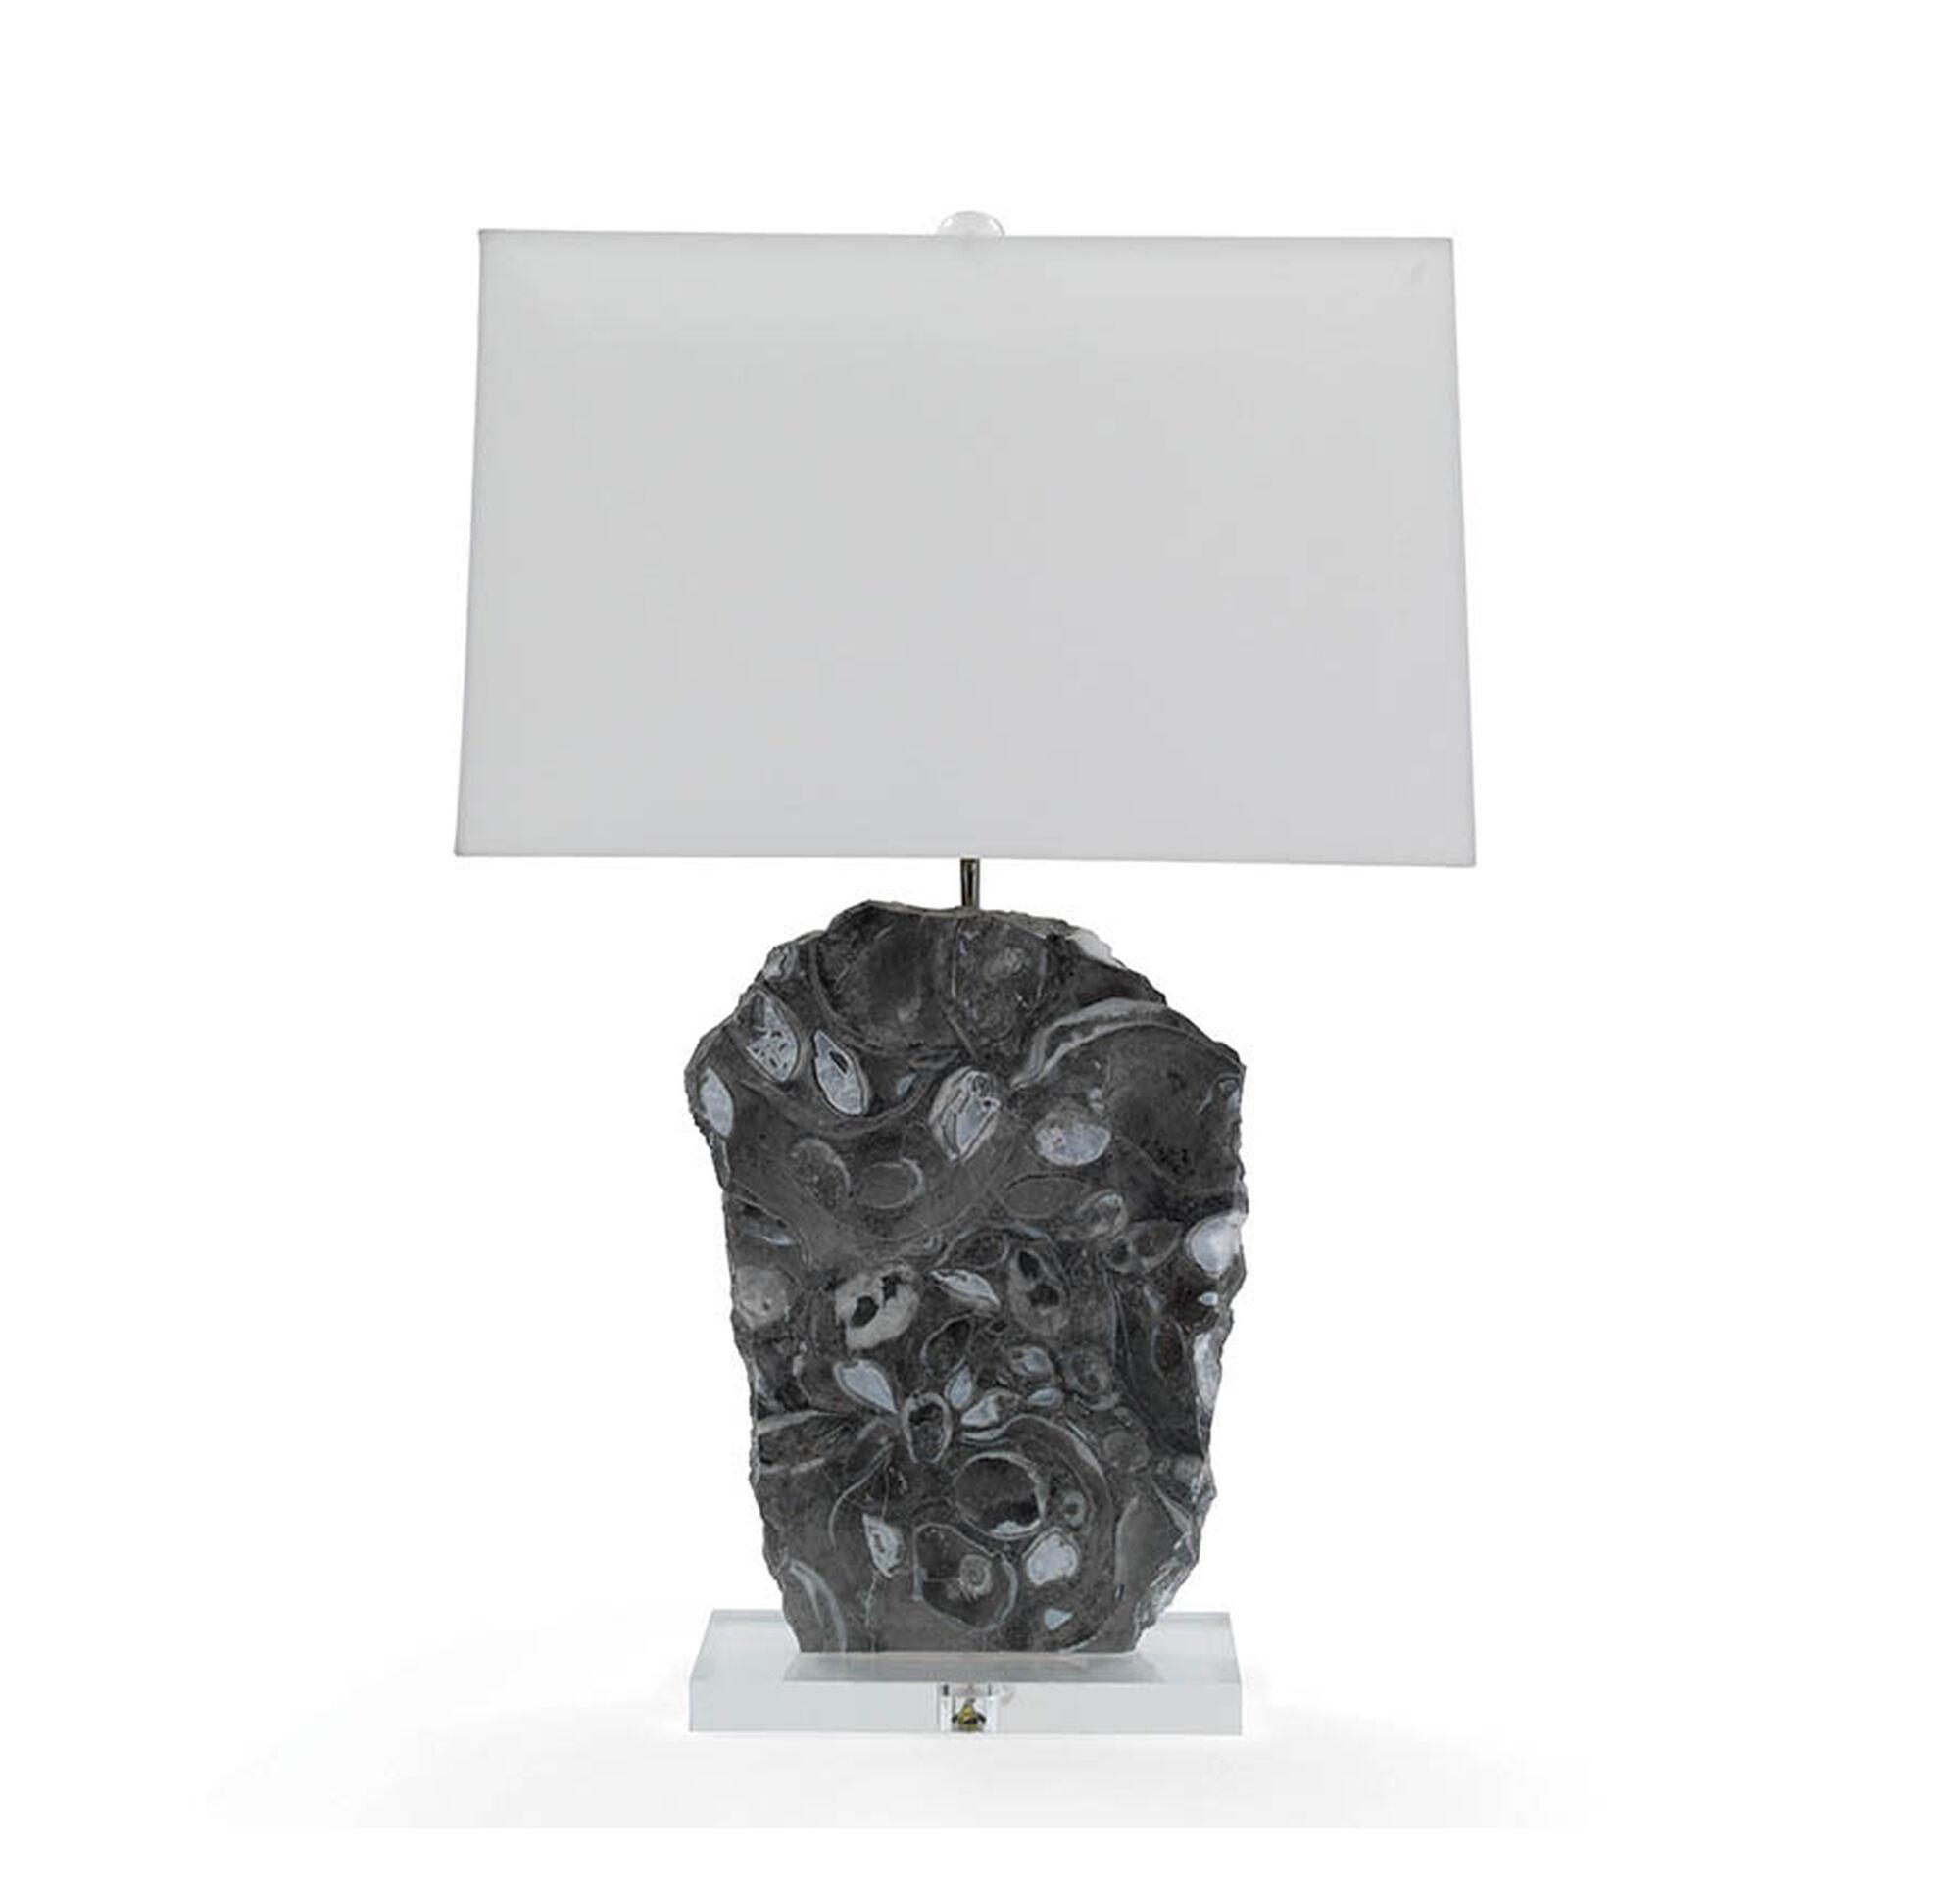 Moran gray marble table lamp moran gray marble table lamp hi res aloadofball Images